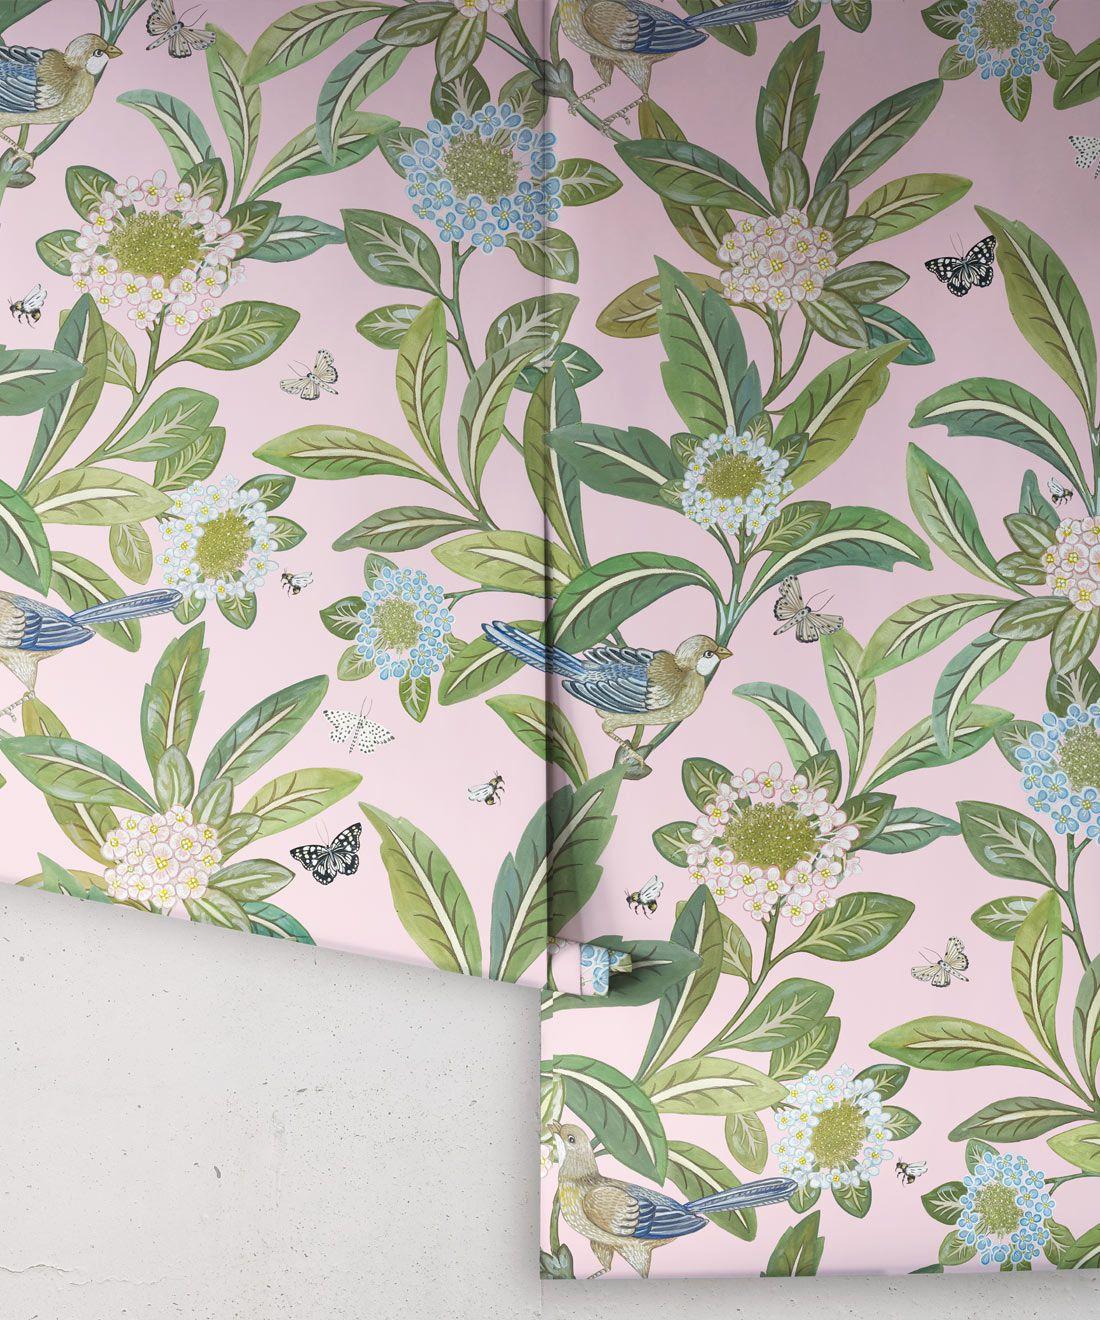 Summer Garden Wallpaper • Pink Wallpaper • Floral Wallpaper Rolls